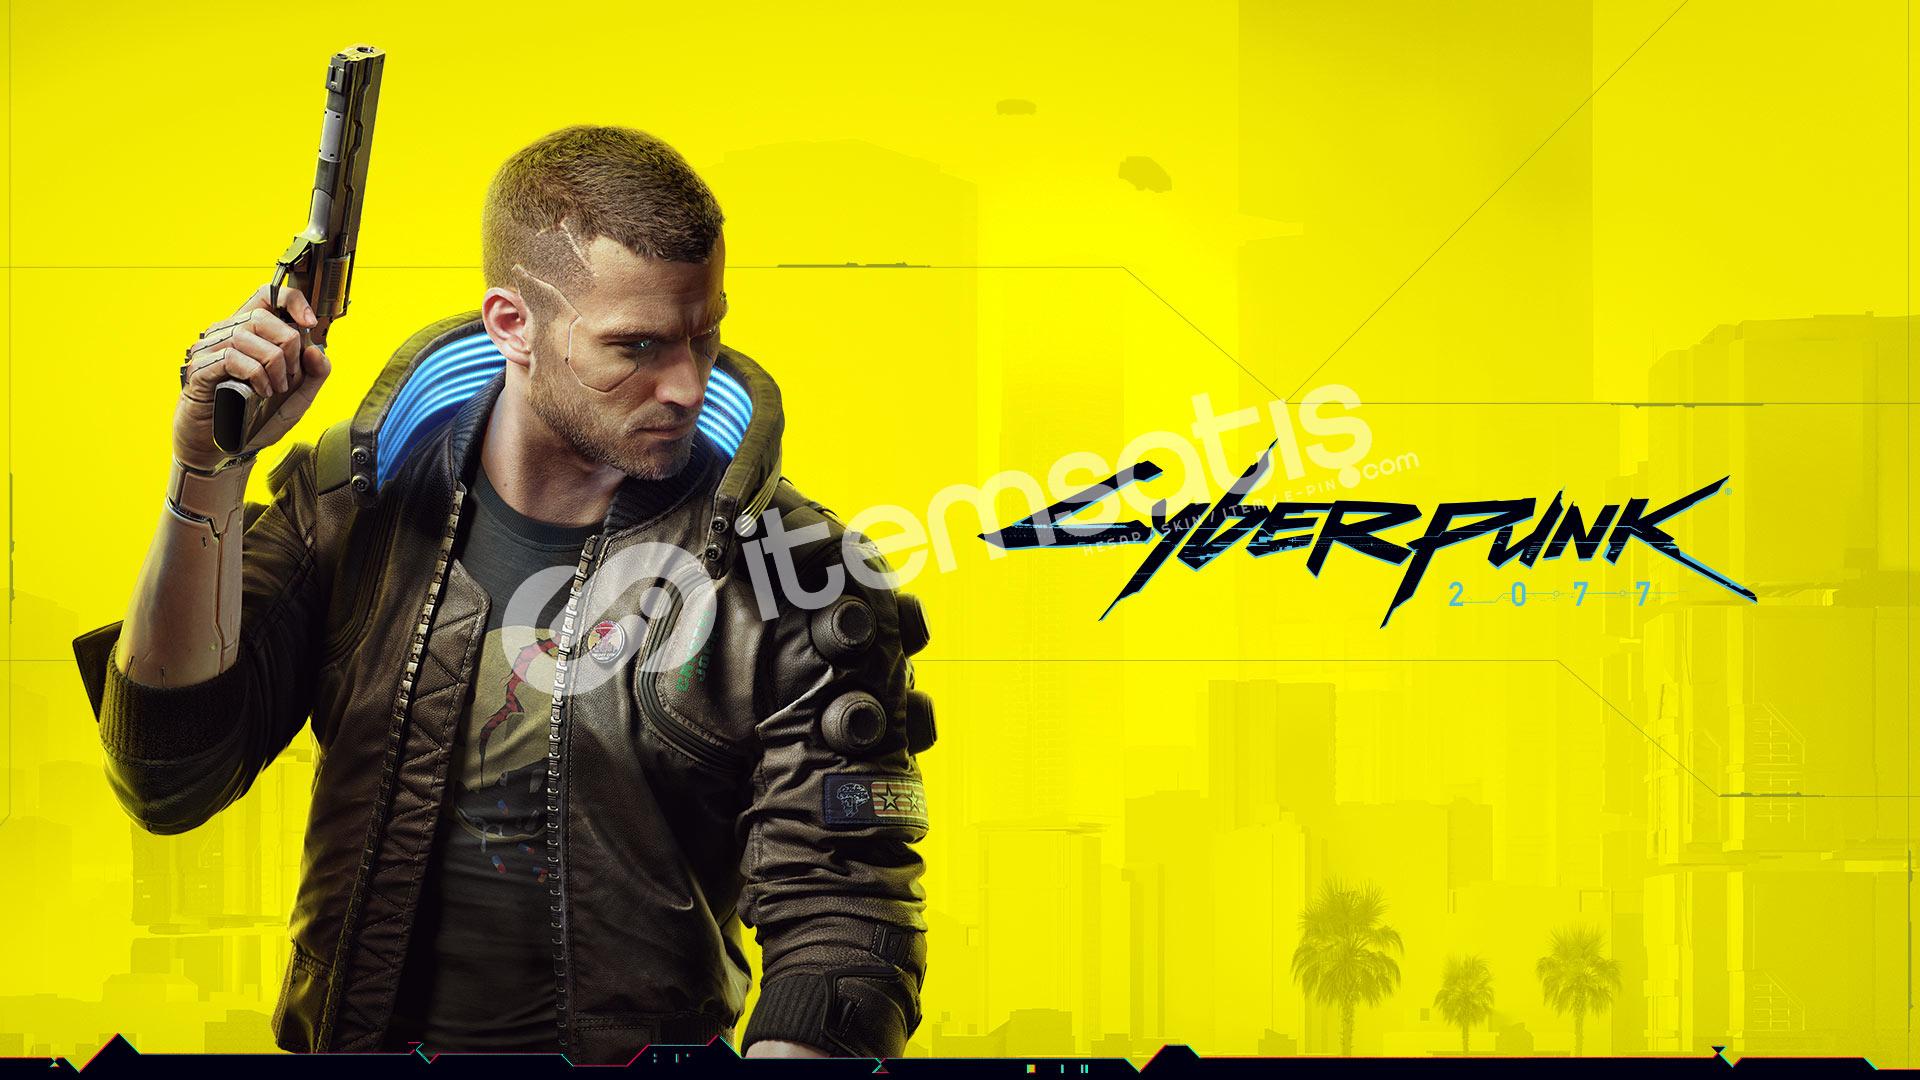 Cyberpunk 2077 + HEDİYE + GARANTİ + GEFORCE NOW DESTEKLER